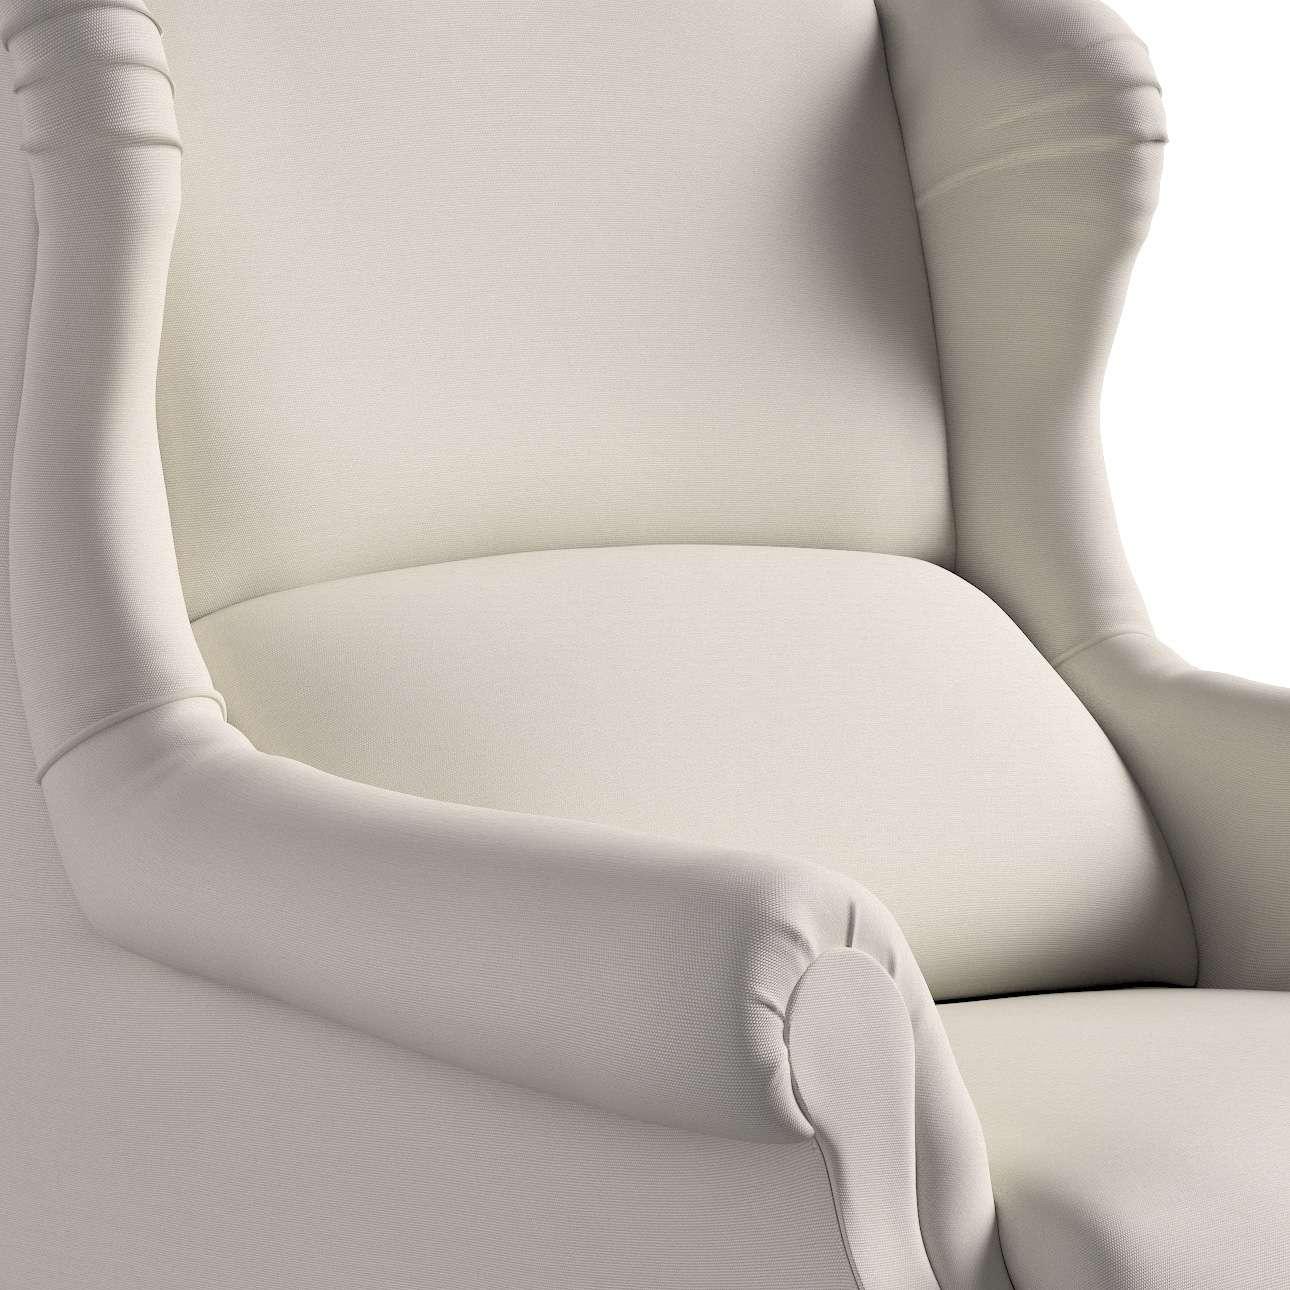 Fotel Willy w kolekcji Cotton Story, tkanina: 702-31